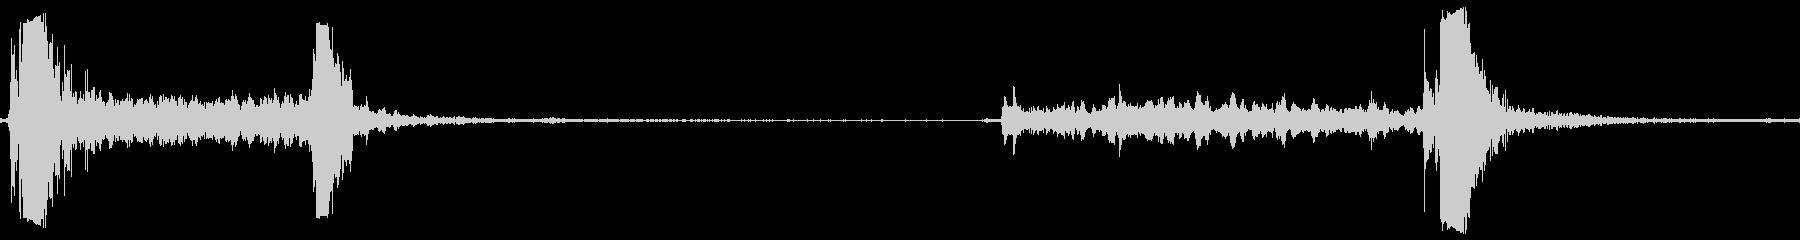 ドアタンク弾薬オープンシャット静かの未再生の波形